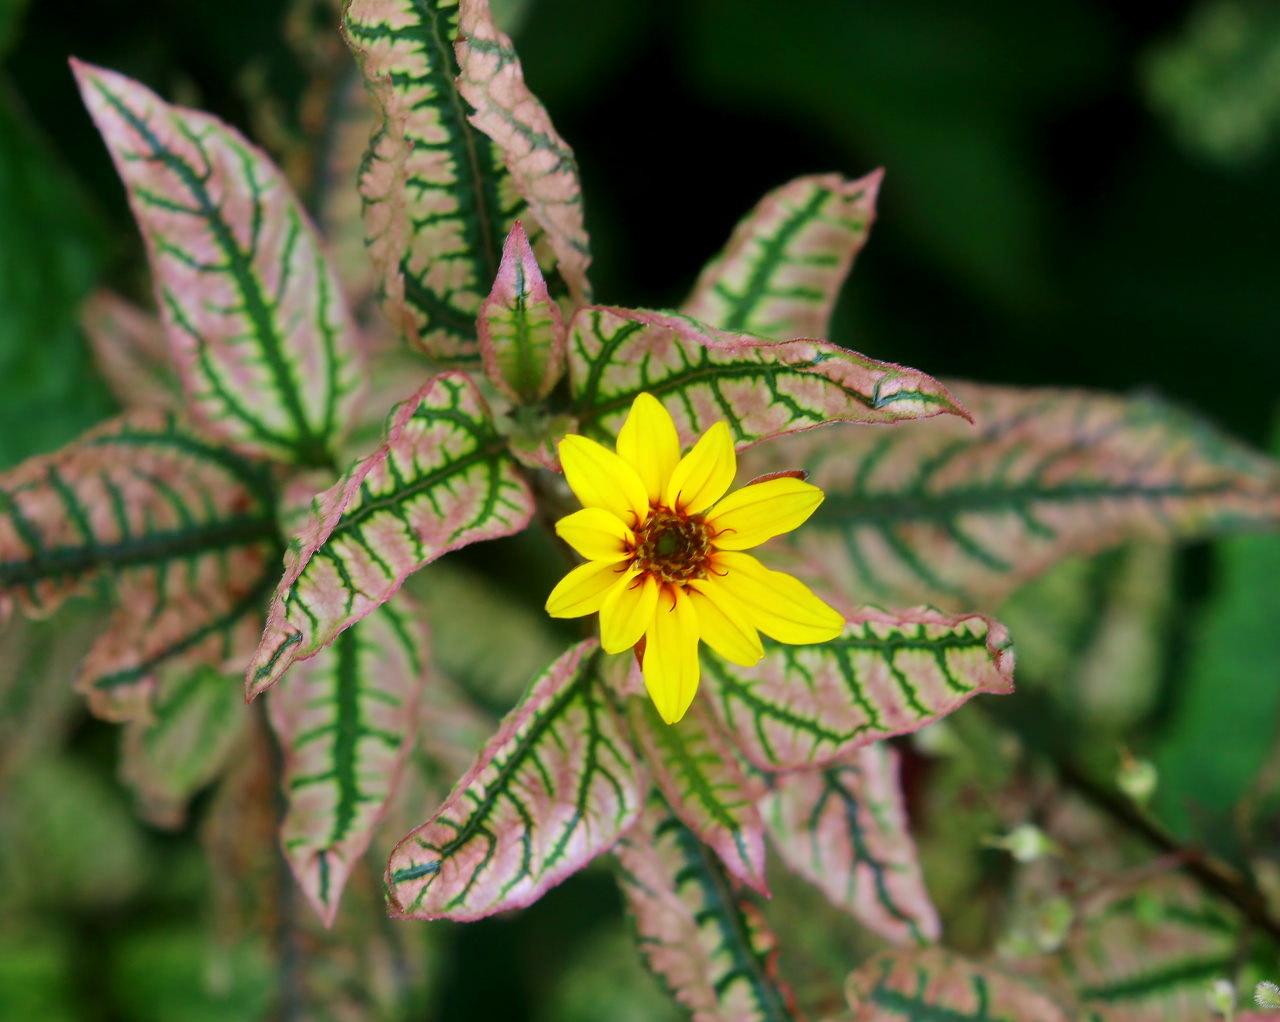 梅雨さ中 またまたレイクガーデンで花や虫_c0305565_17525630.jpg